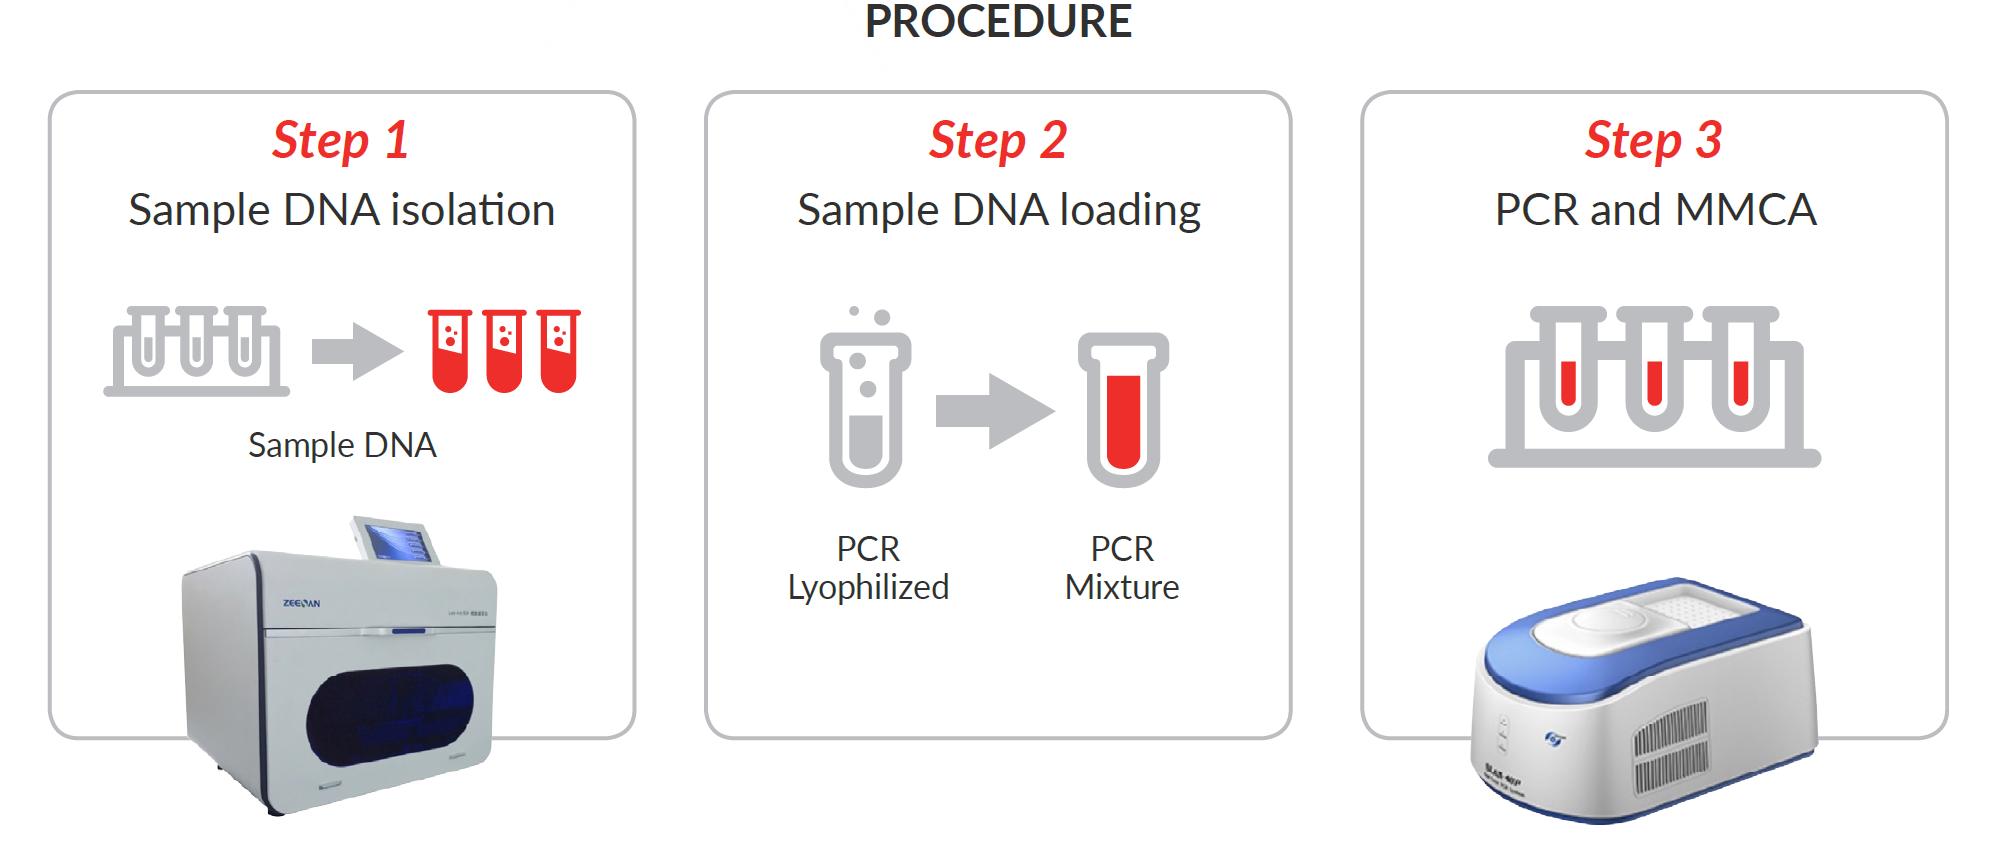 pcr for papillomavirus)